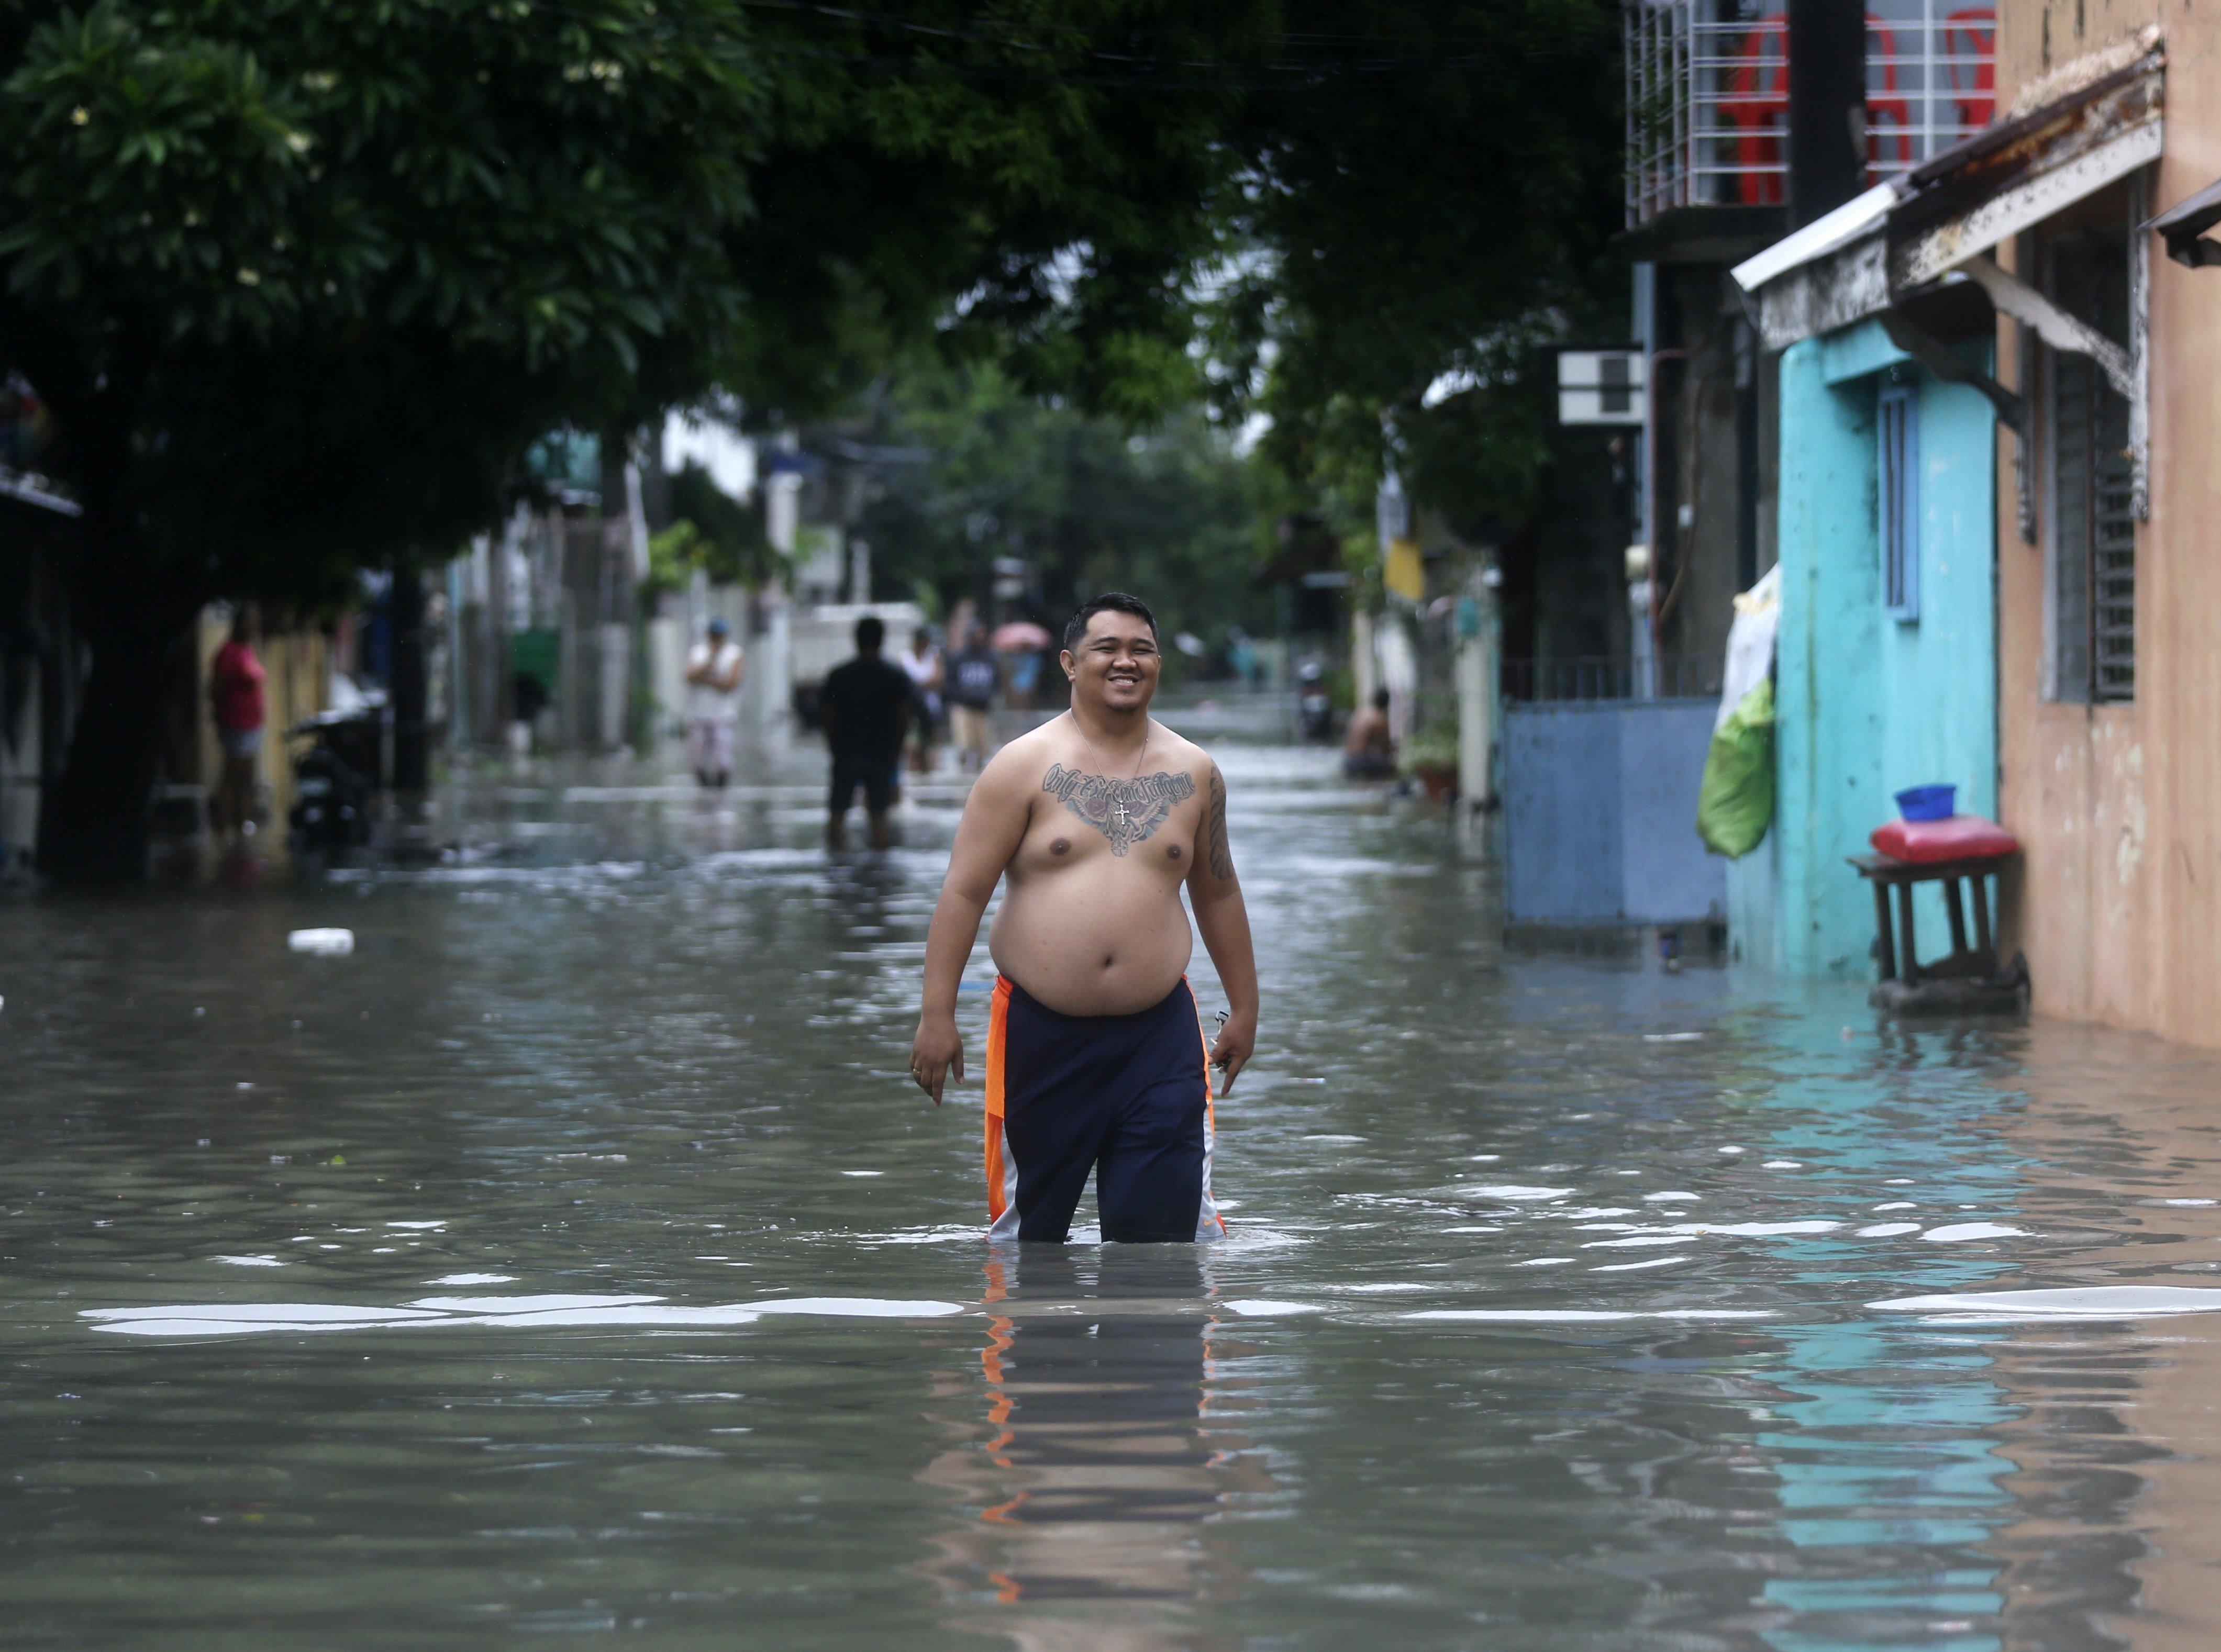 Filipins caminen pels carrers inundats al sud de Manila (Filipines). /FRANCIS R. MALASIG